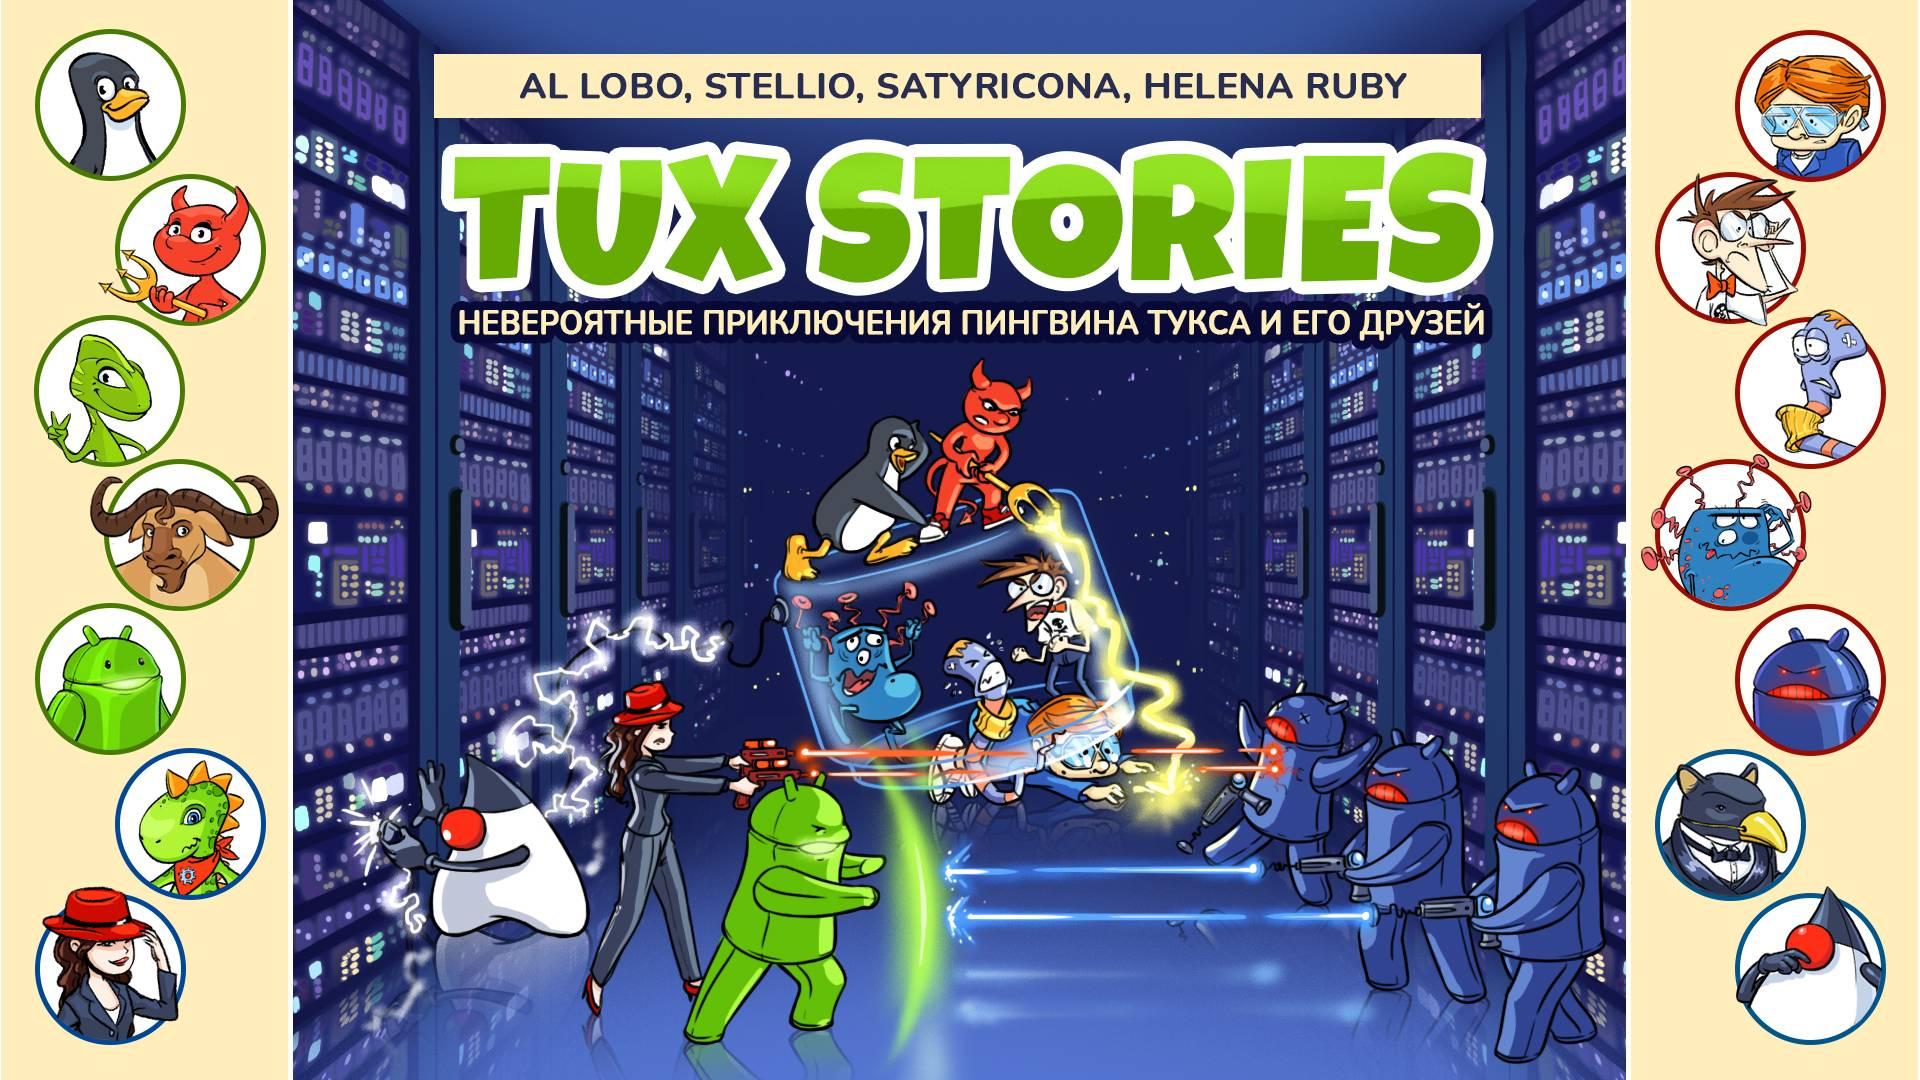 Яркий комикс о приключениях пингвина Тукса и его друзей